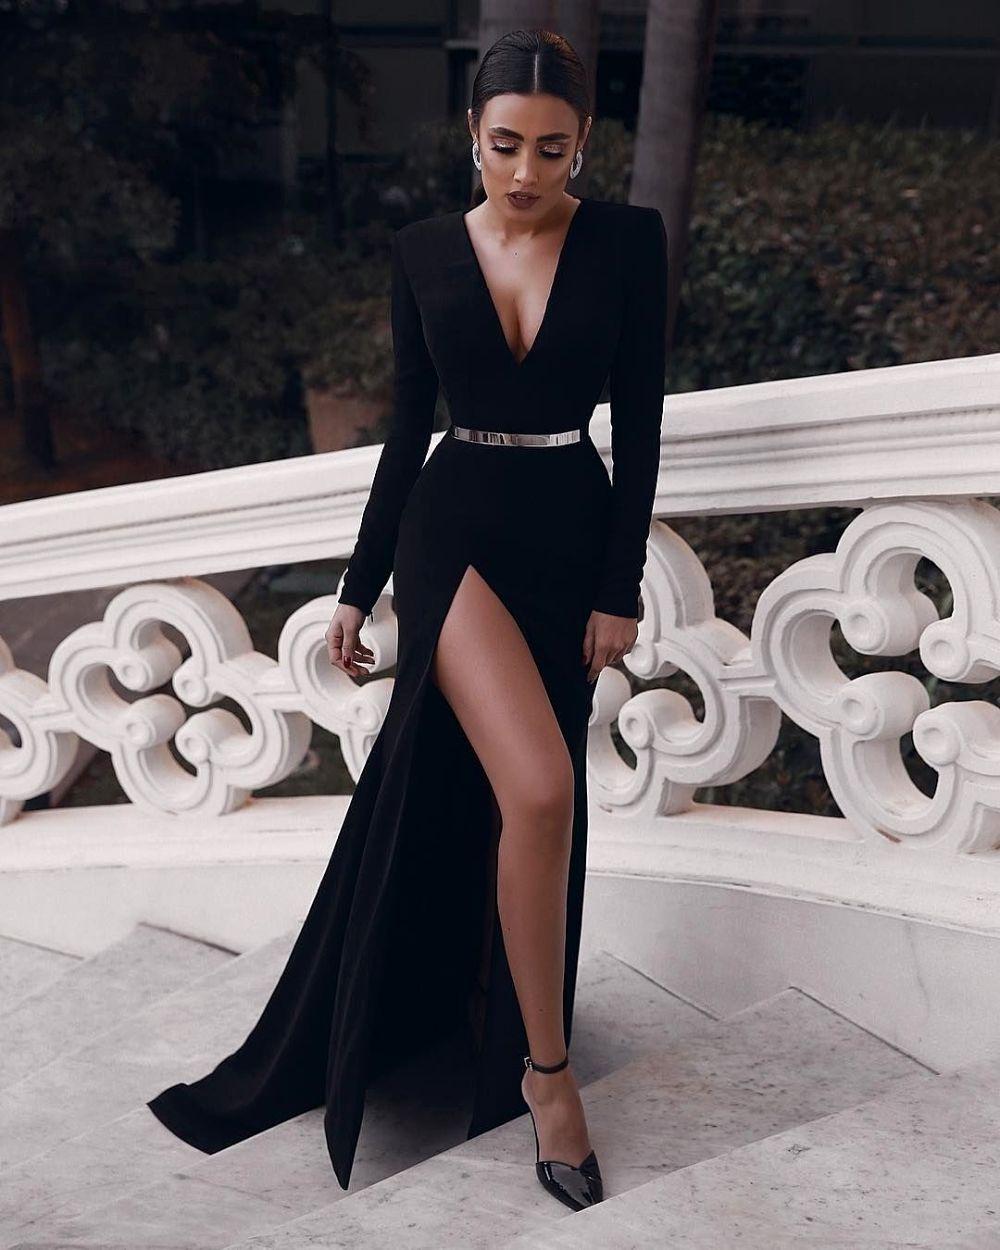 Elegan Dress In 2020 Ballkleider Lange Armel Elegante Abendkleider Event Kleider